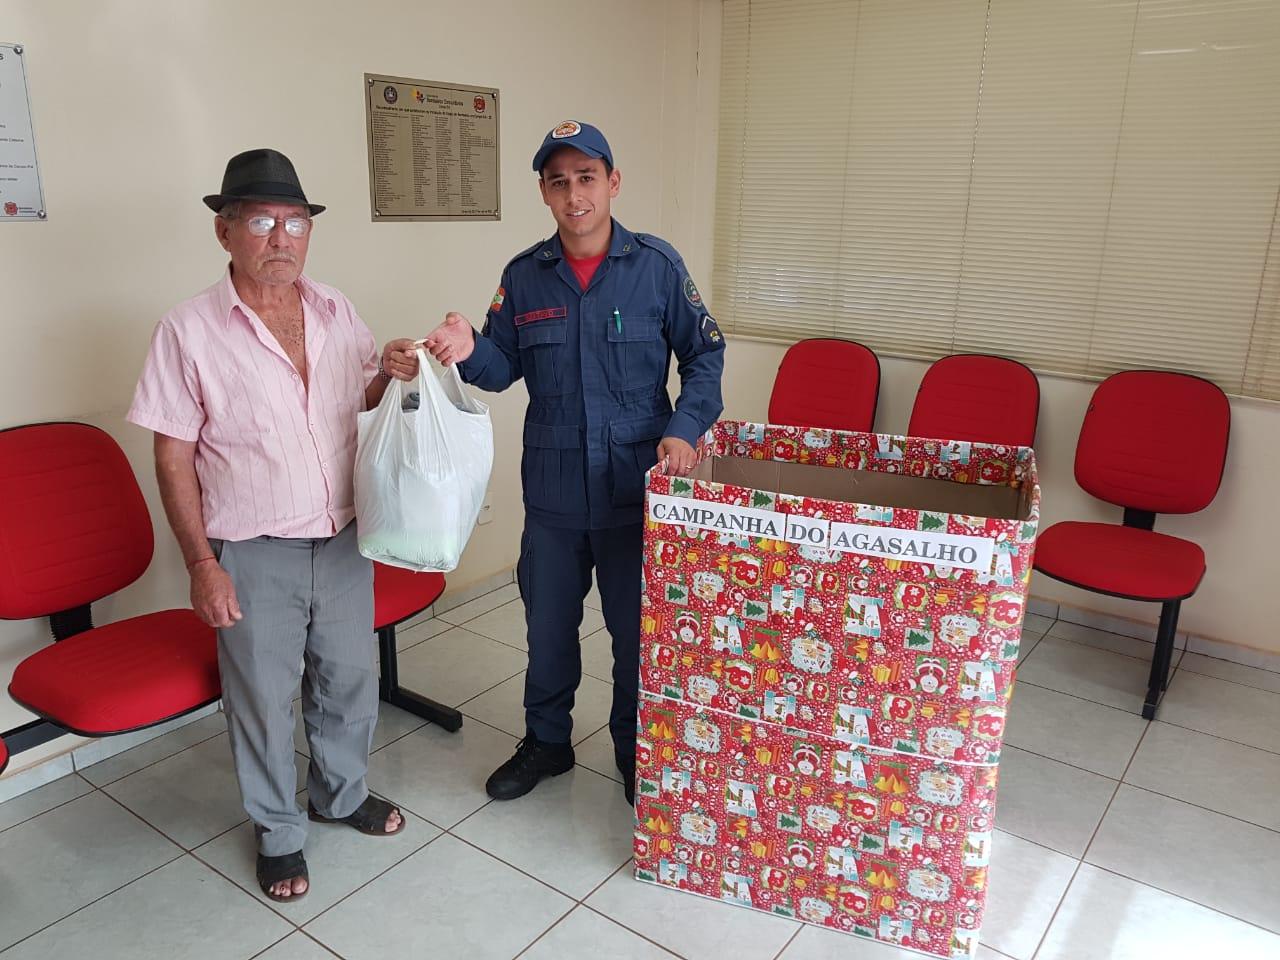 Campanha do agasalho do Corpo de Bombeiros segue até dia 22